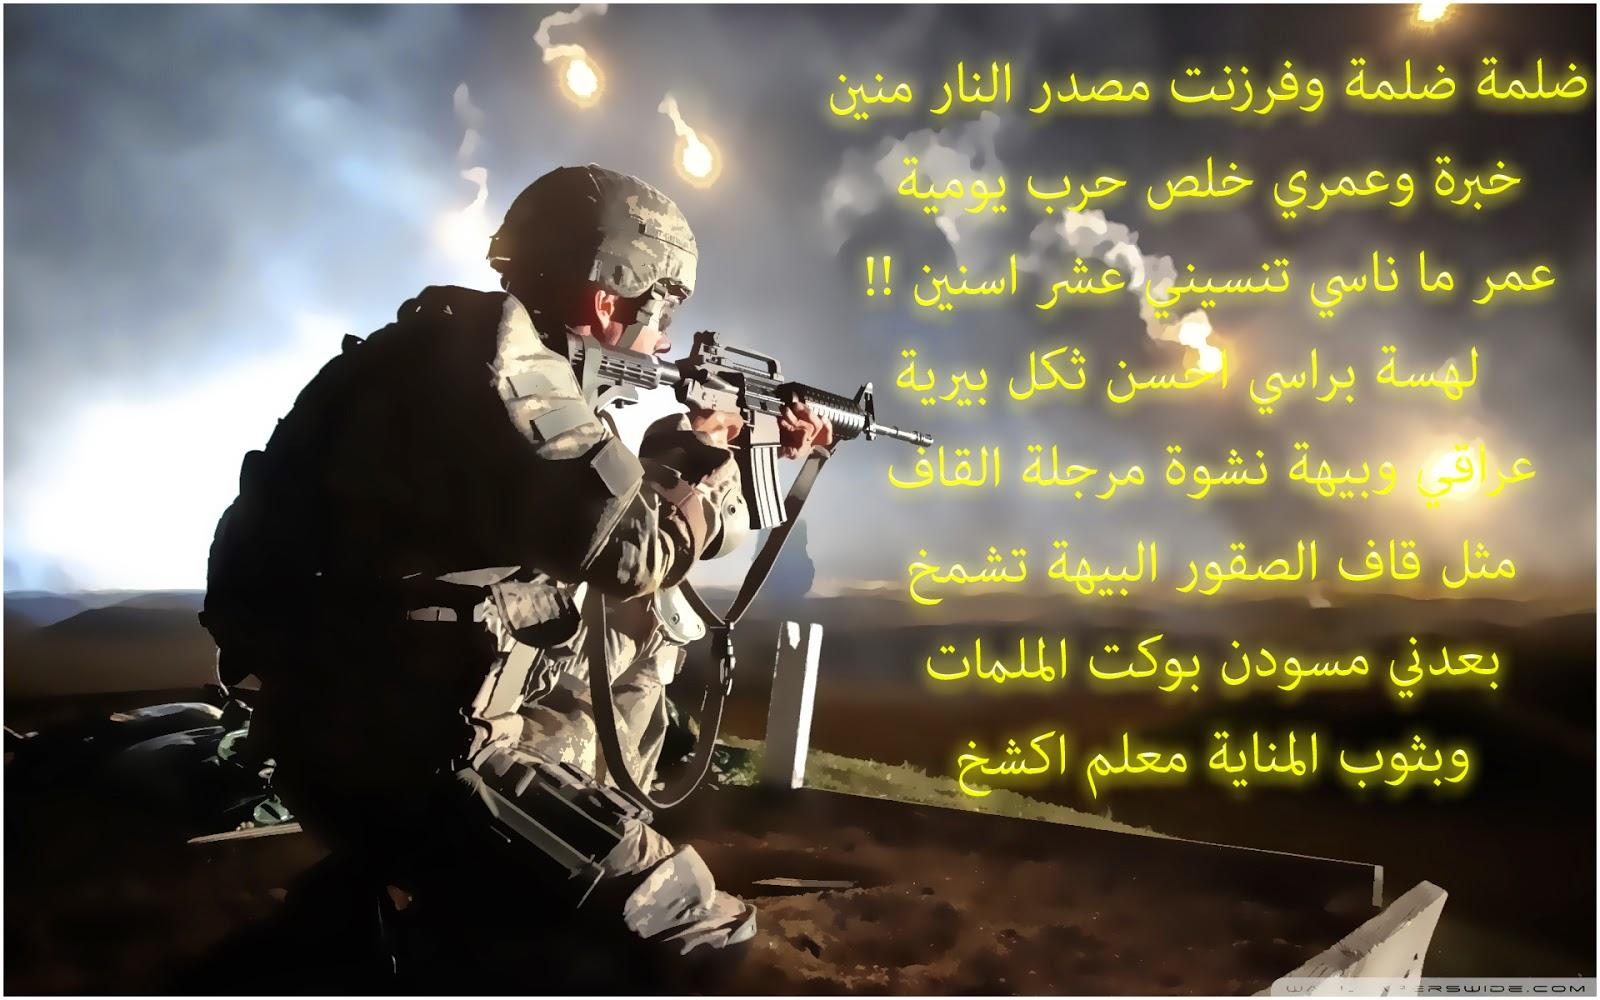 صورة شعر عن العراق , اجمل الاشعار عن العراق 224 1